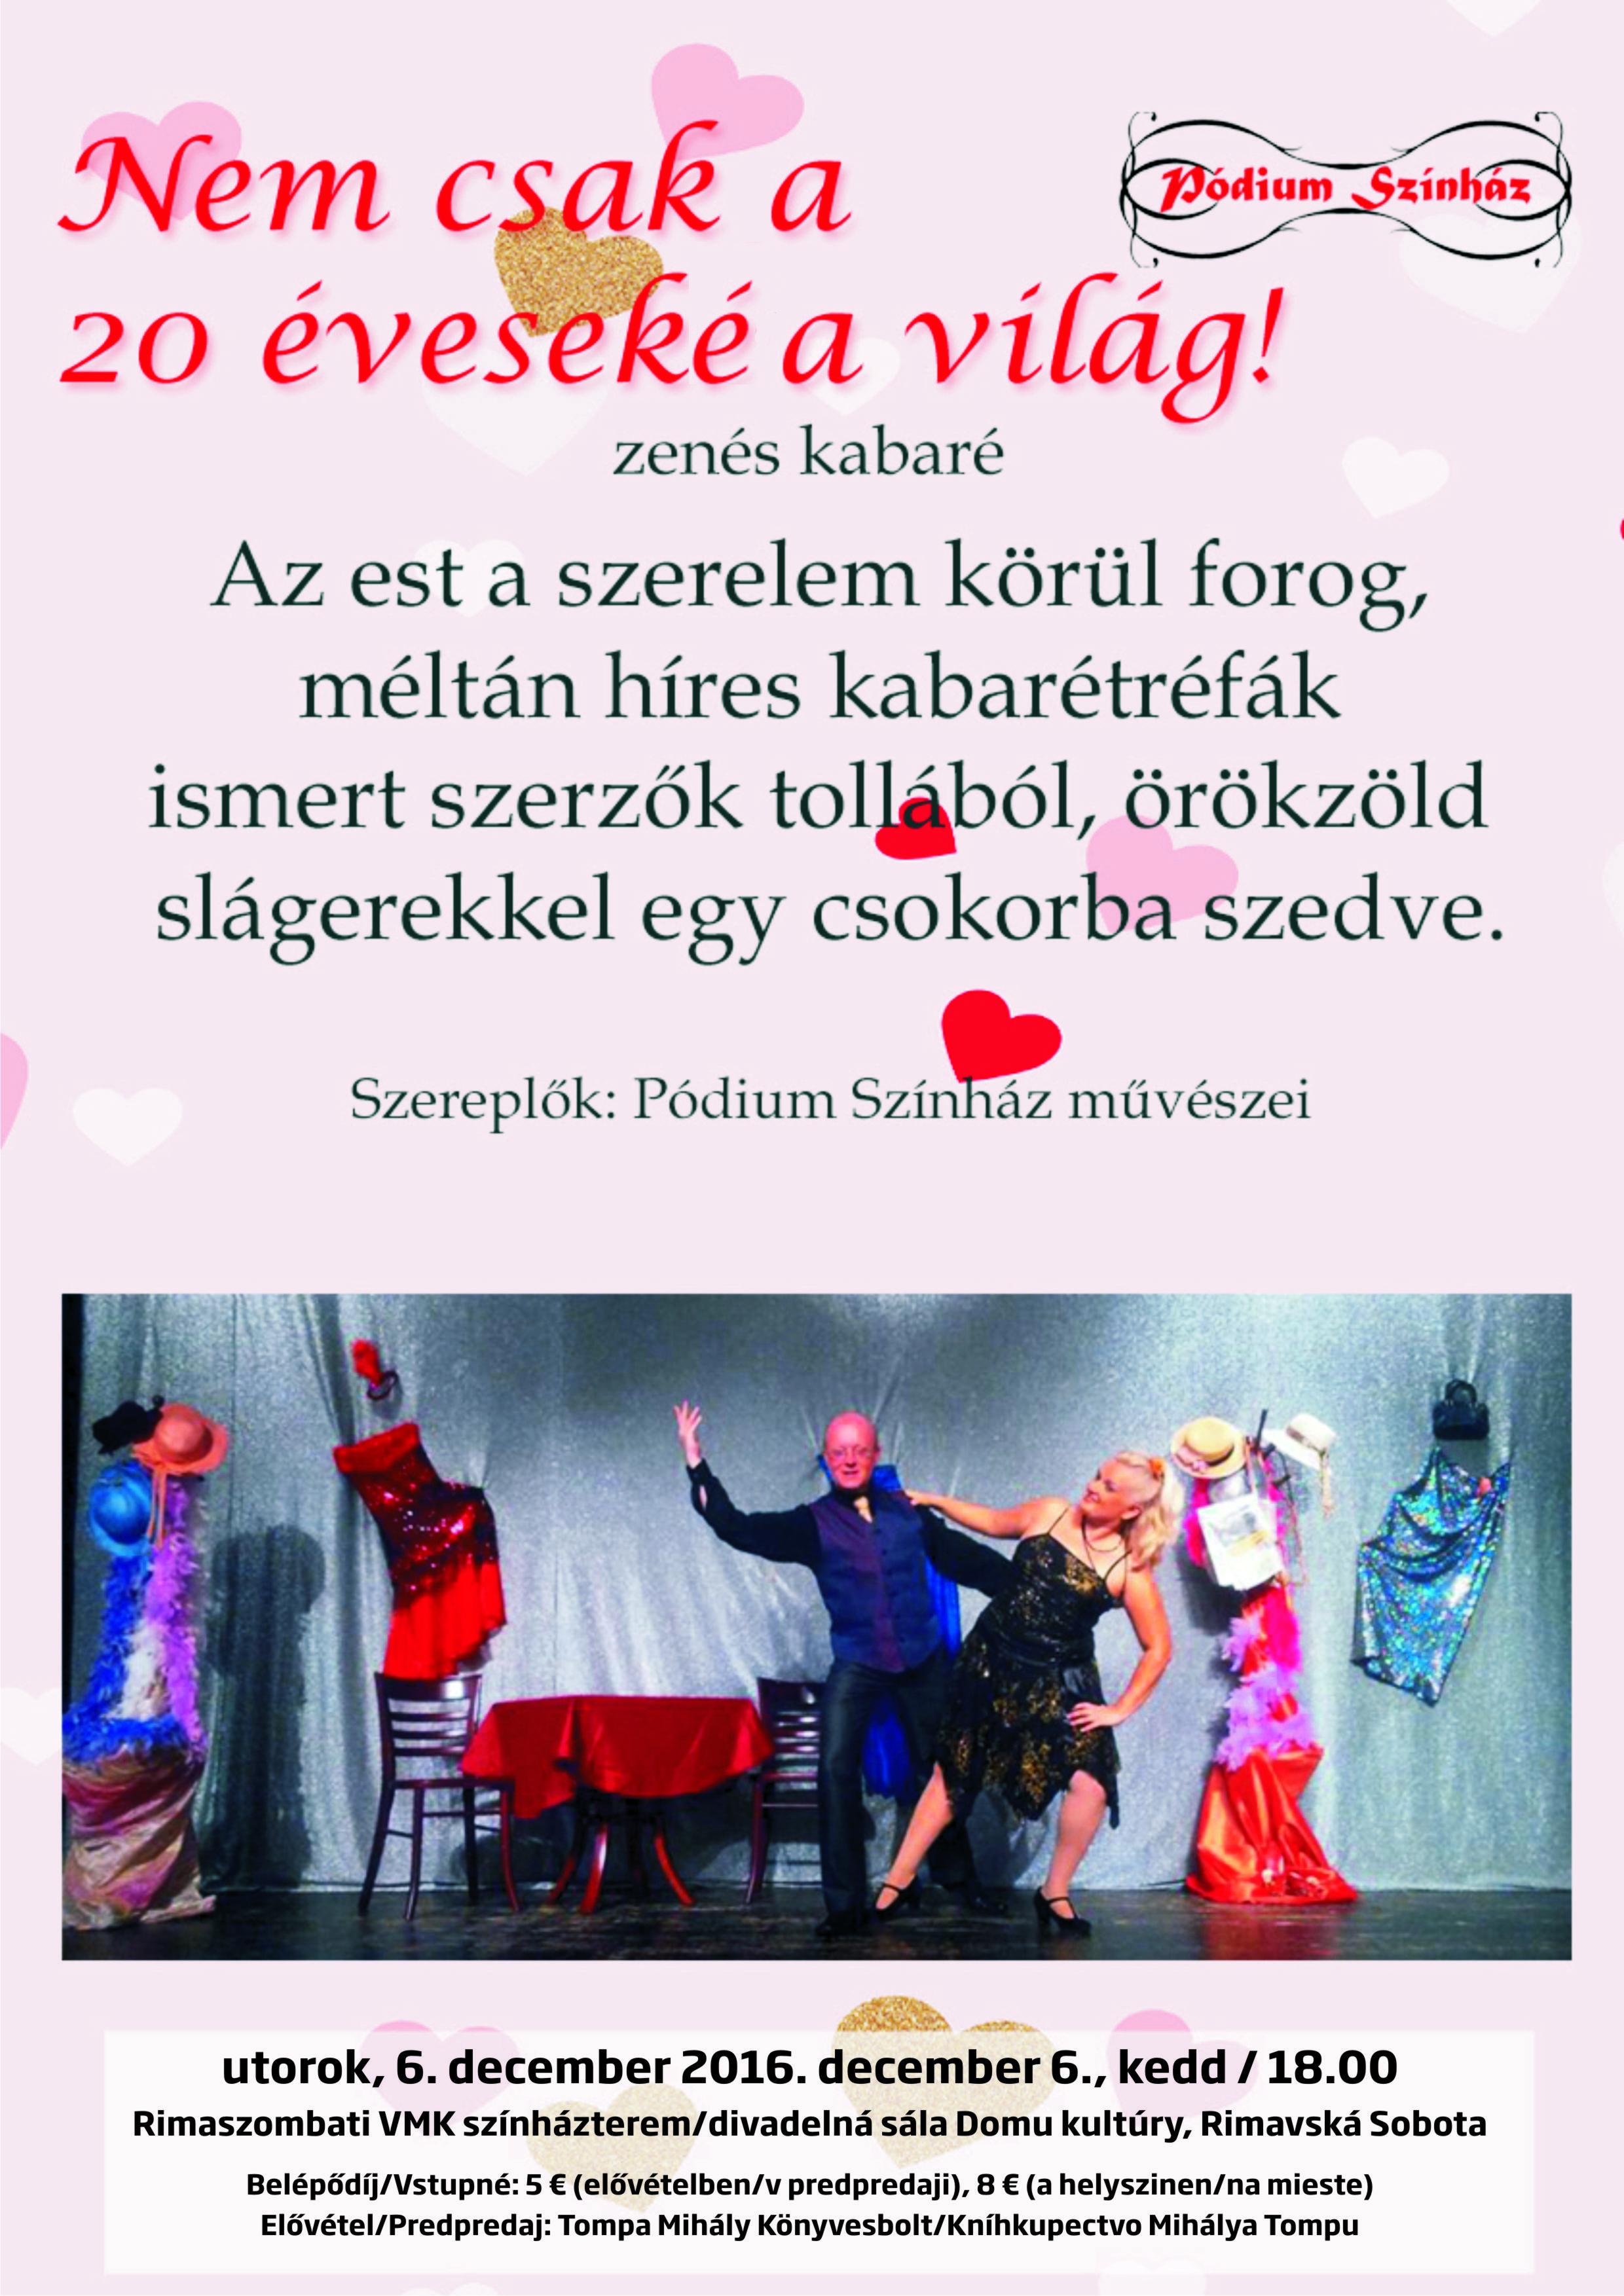 Pódium Színház: Nem csak a 20 éveseké a világ (zenés kabaré) @ Divadelná sála DK v Rim.Sobote